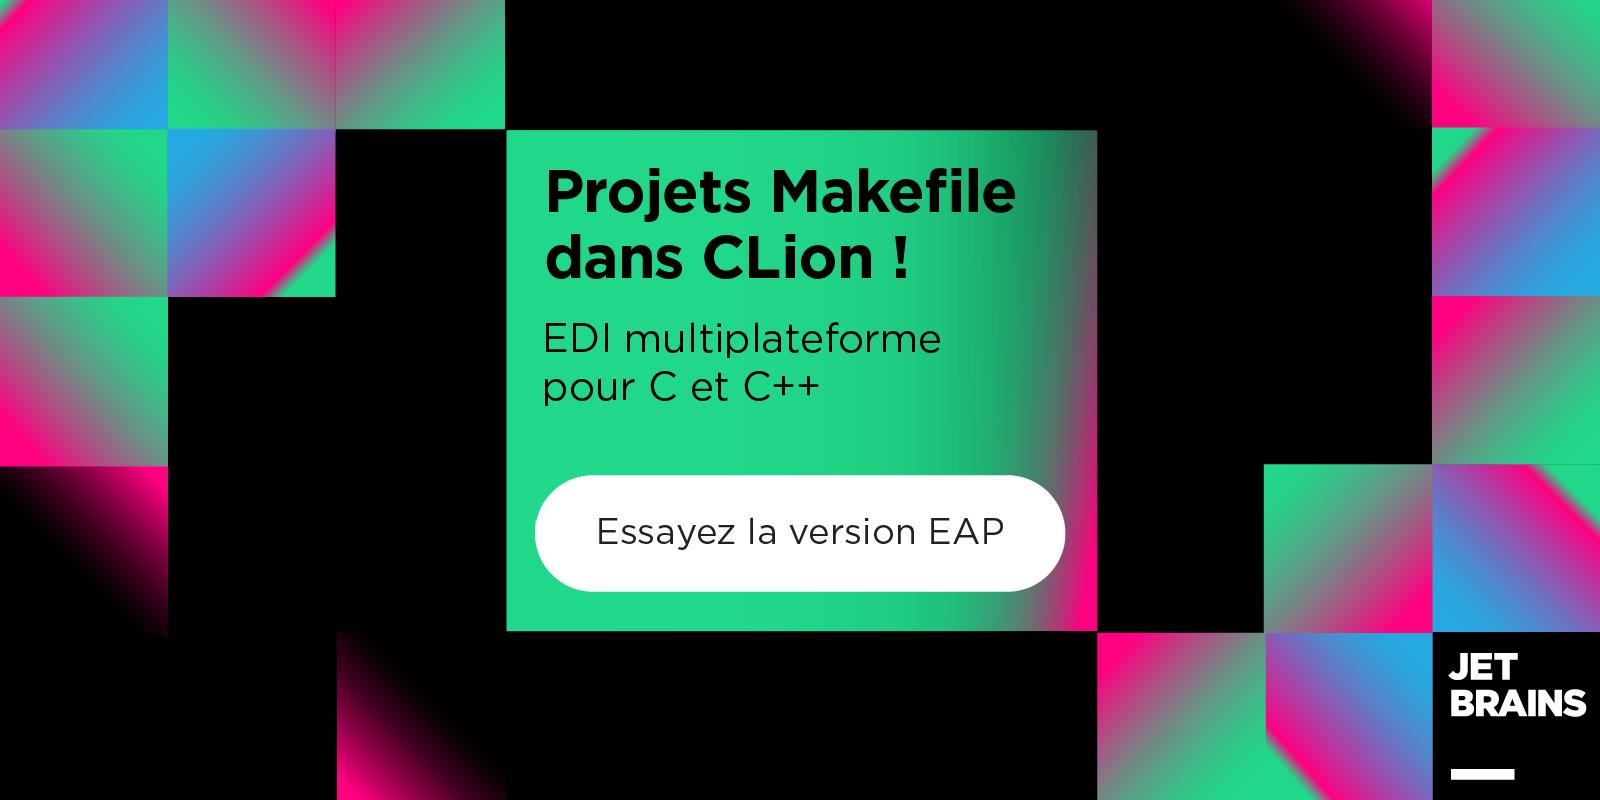 Prise en charge des projets Makefile dans CLion